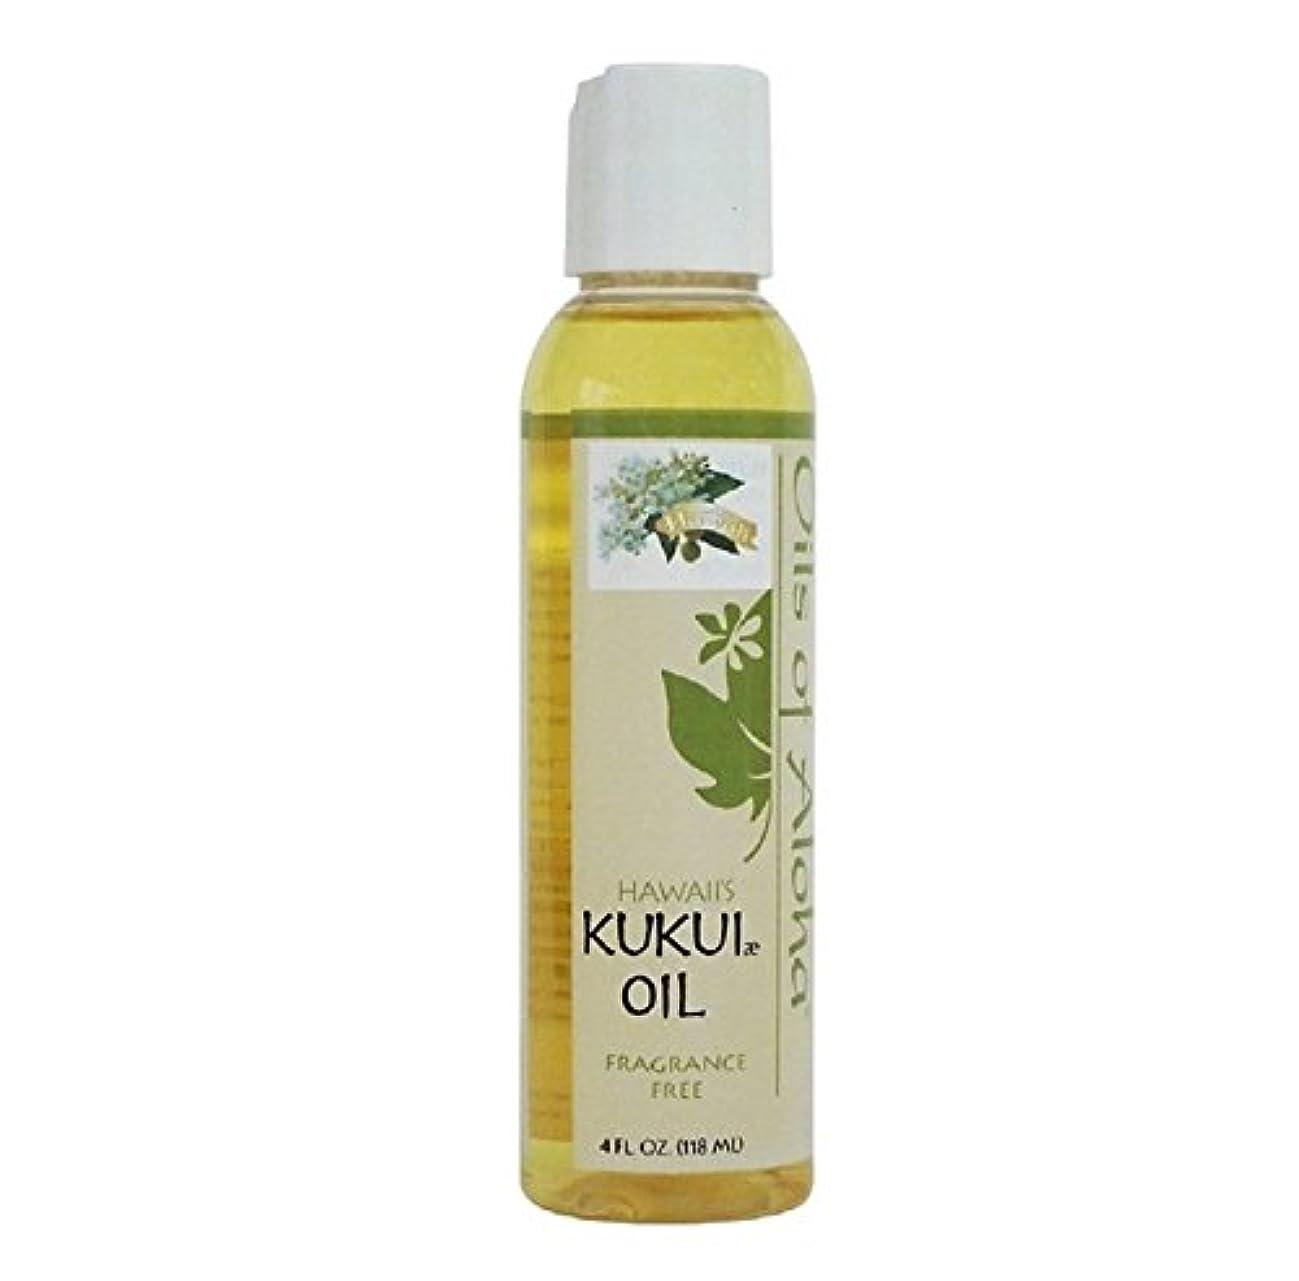 として促進する均等にKukui Skin Oil Fragrance Free(無香料)